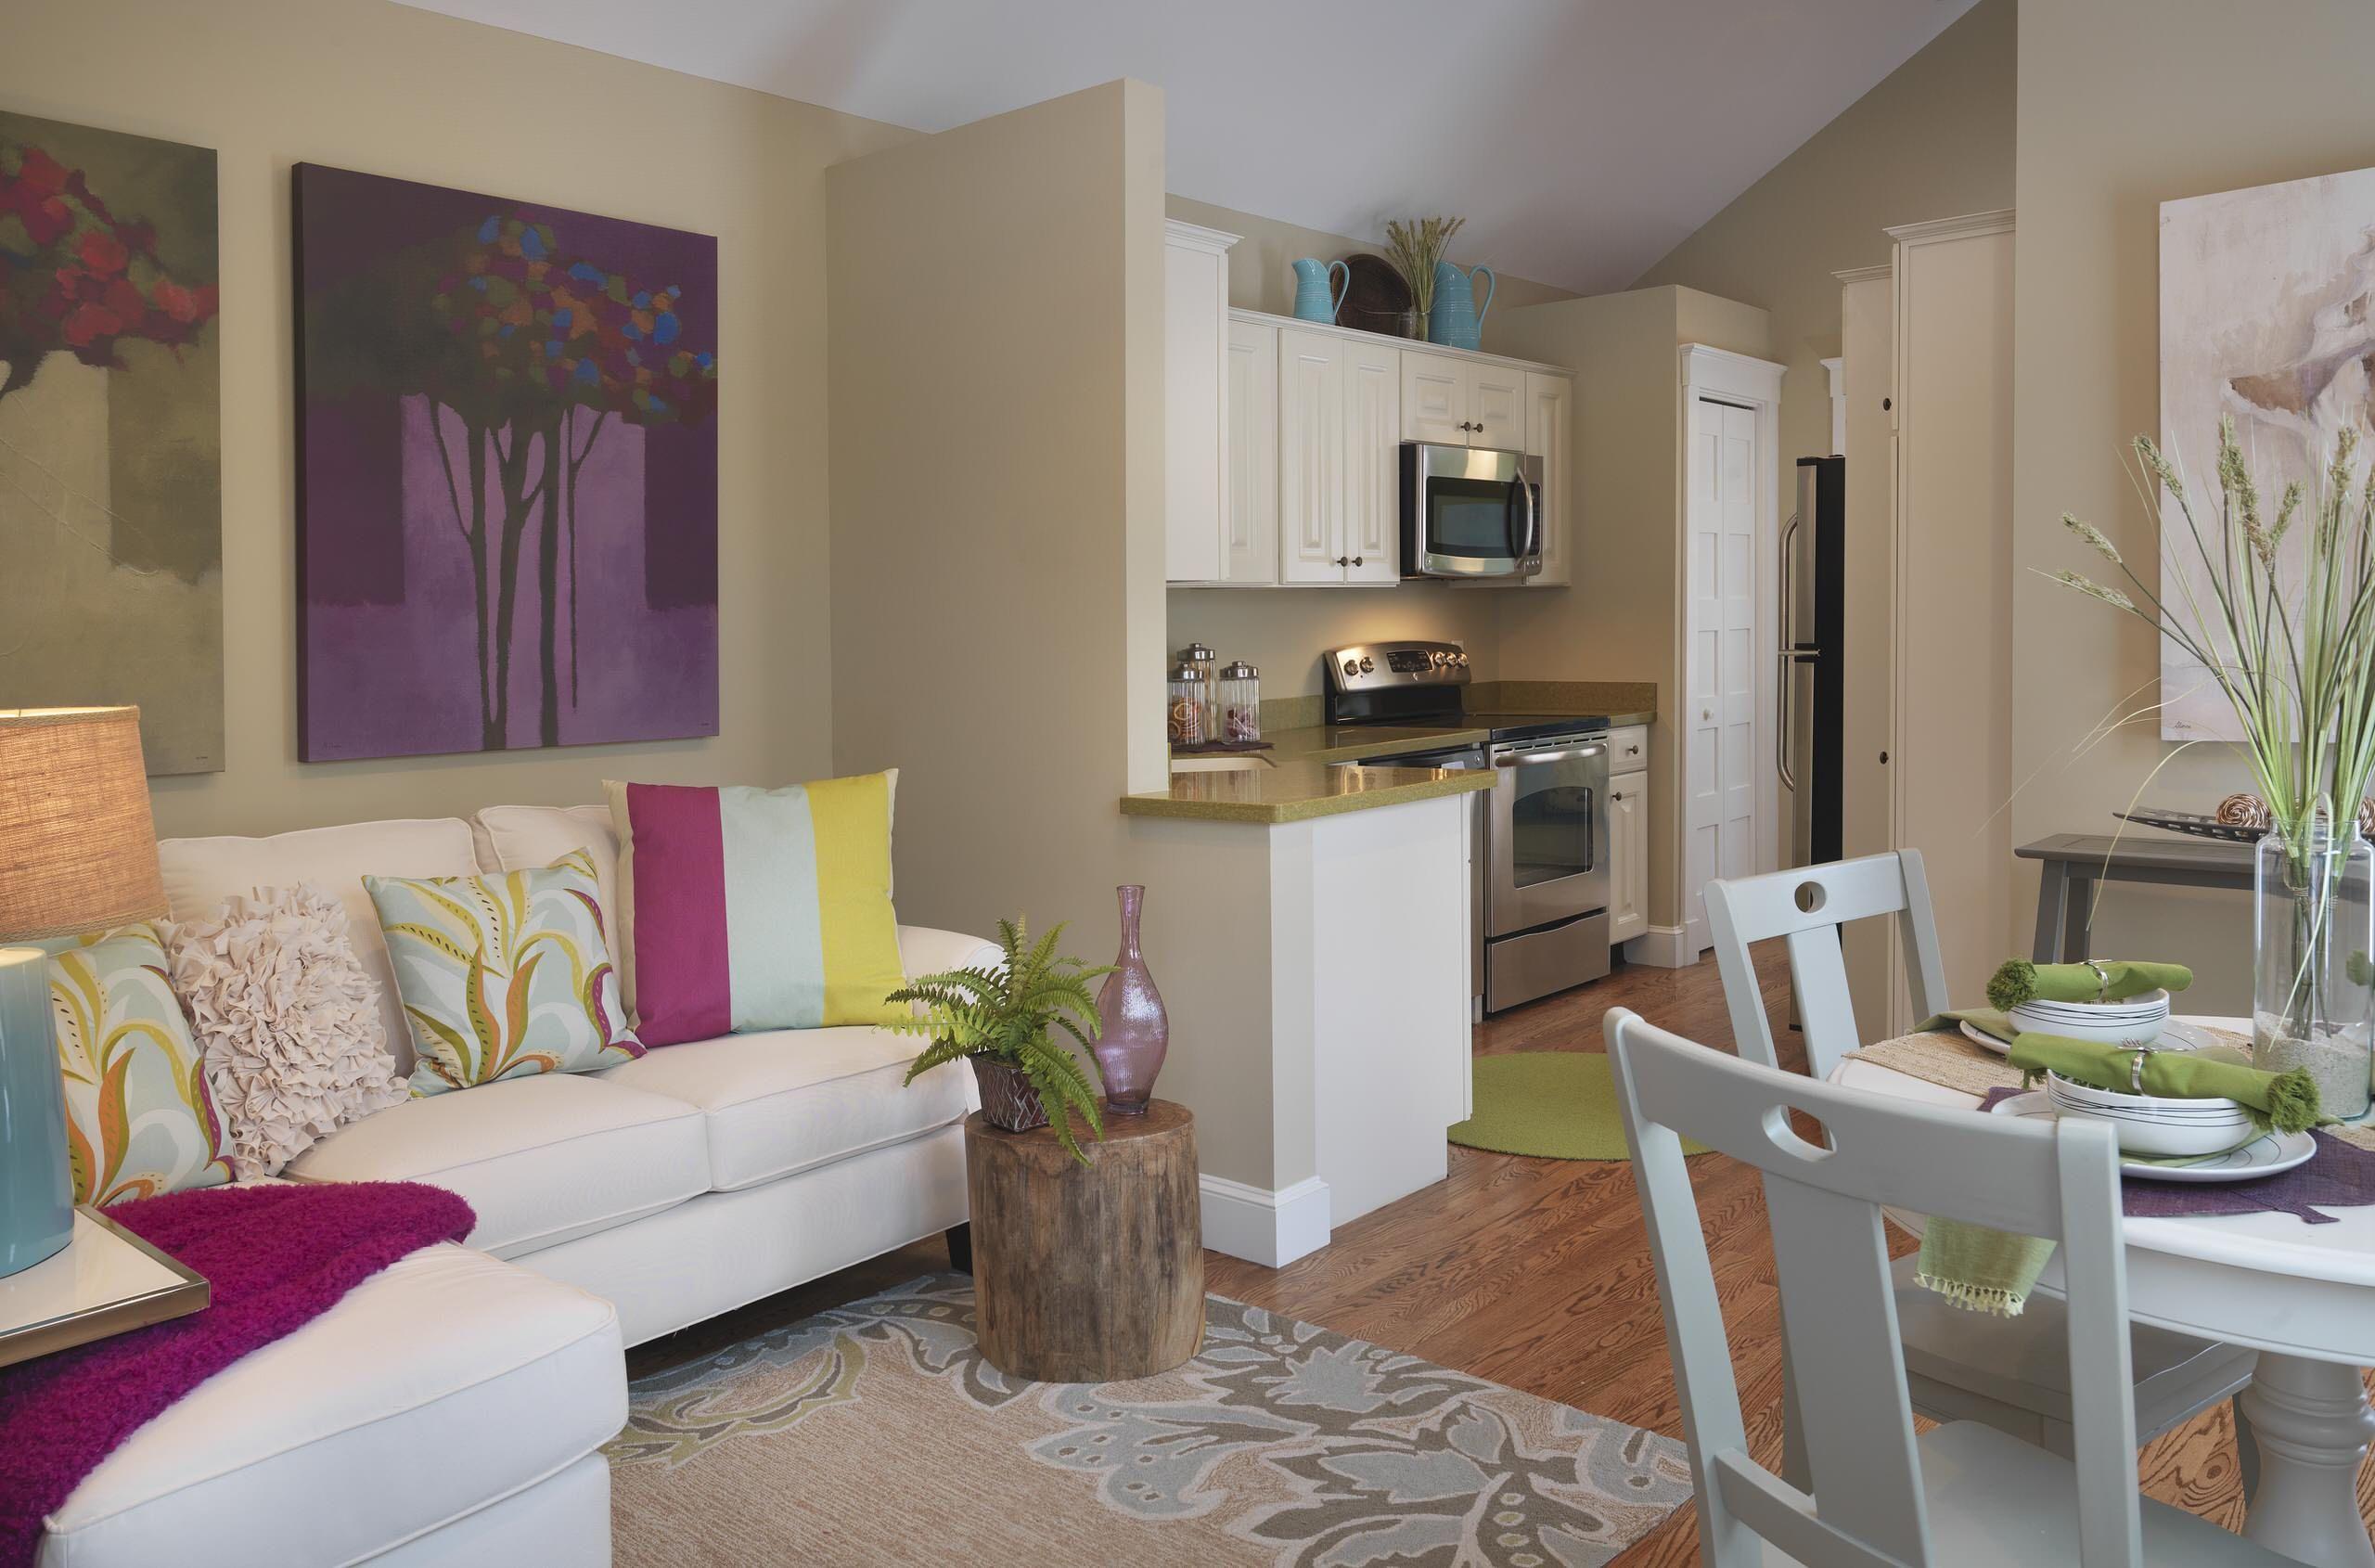 Дизайн-проект двухкомнатной квартиры в хрущевке в светлых тонах